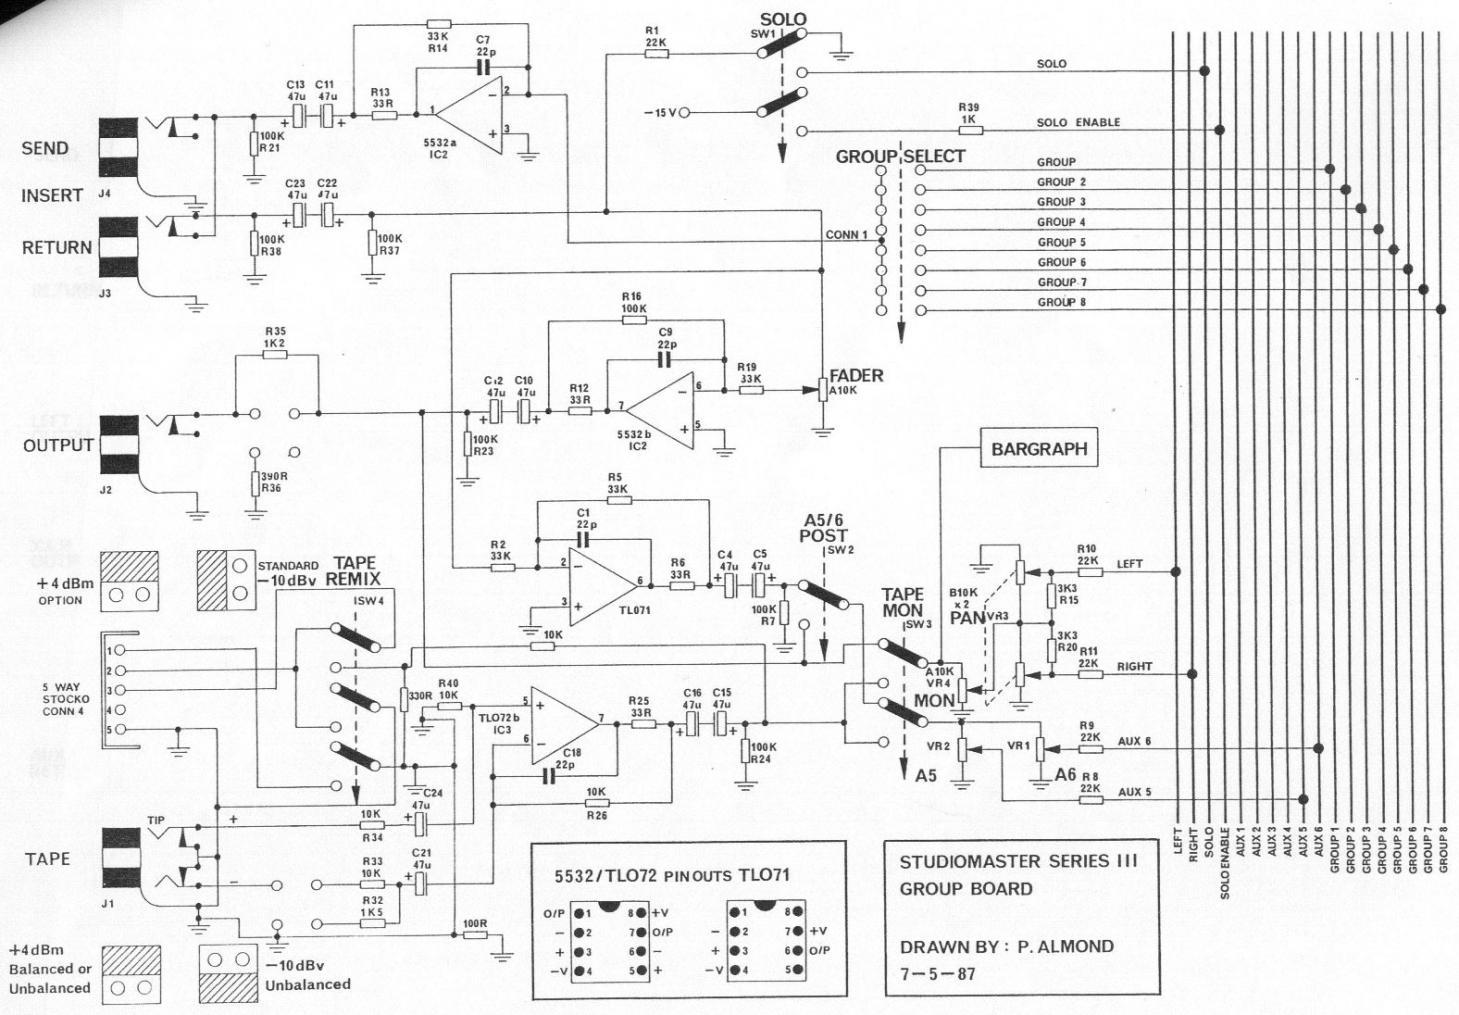 80 u0026 39 s studiomaster console